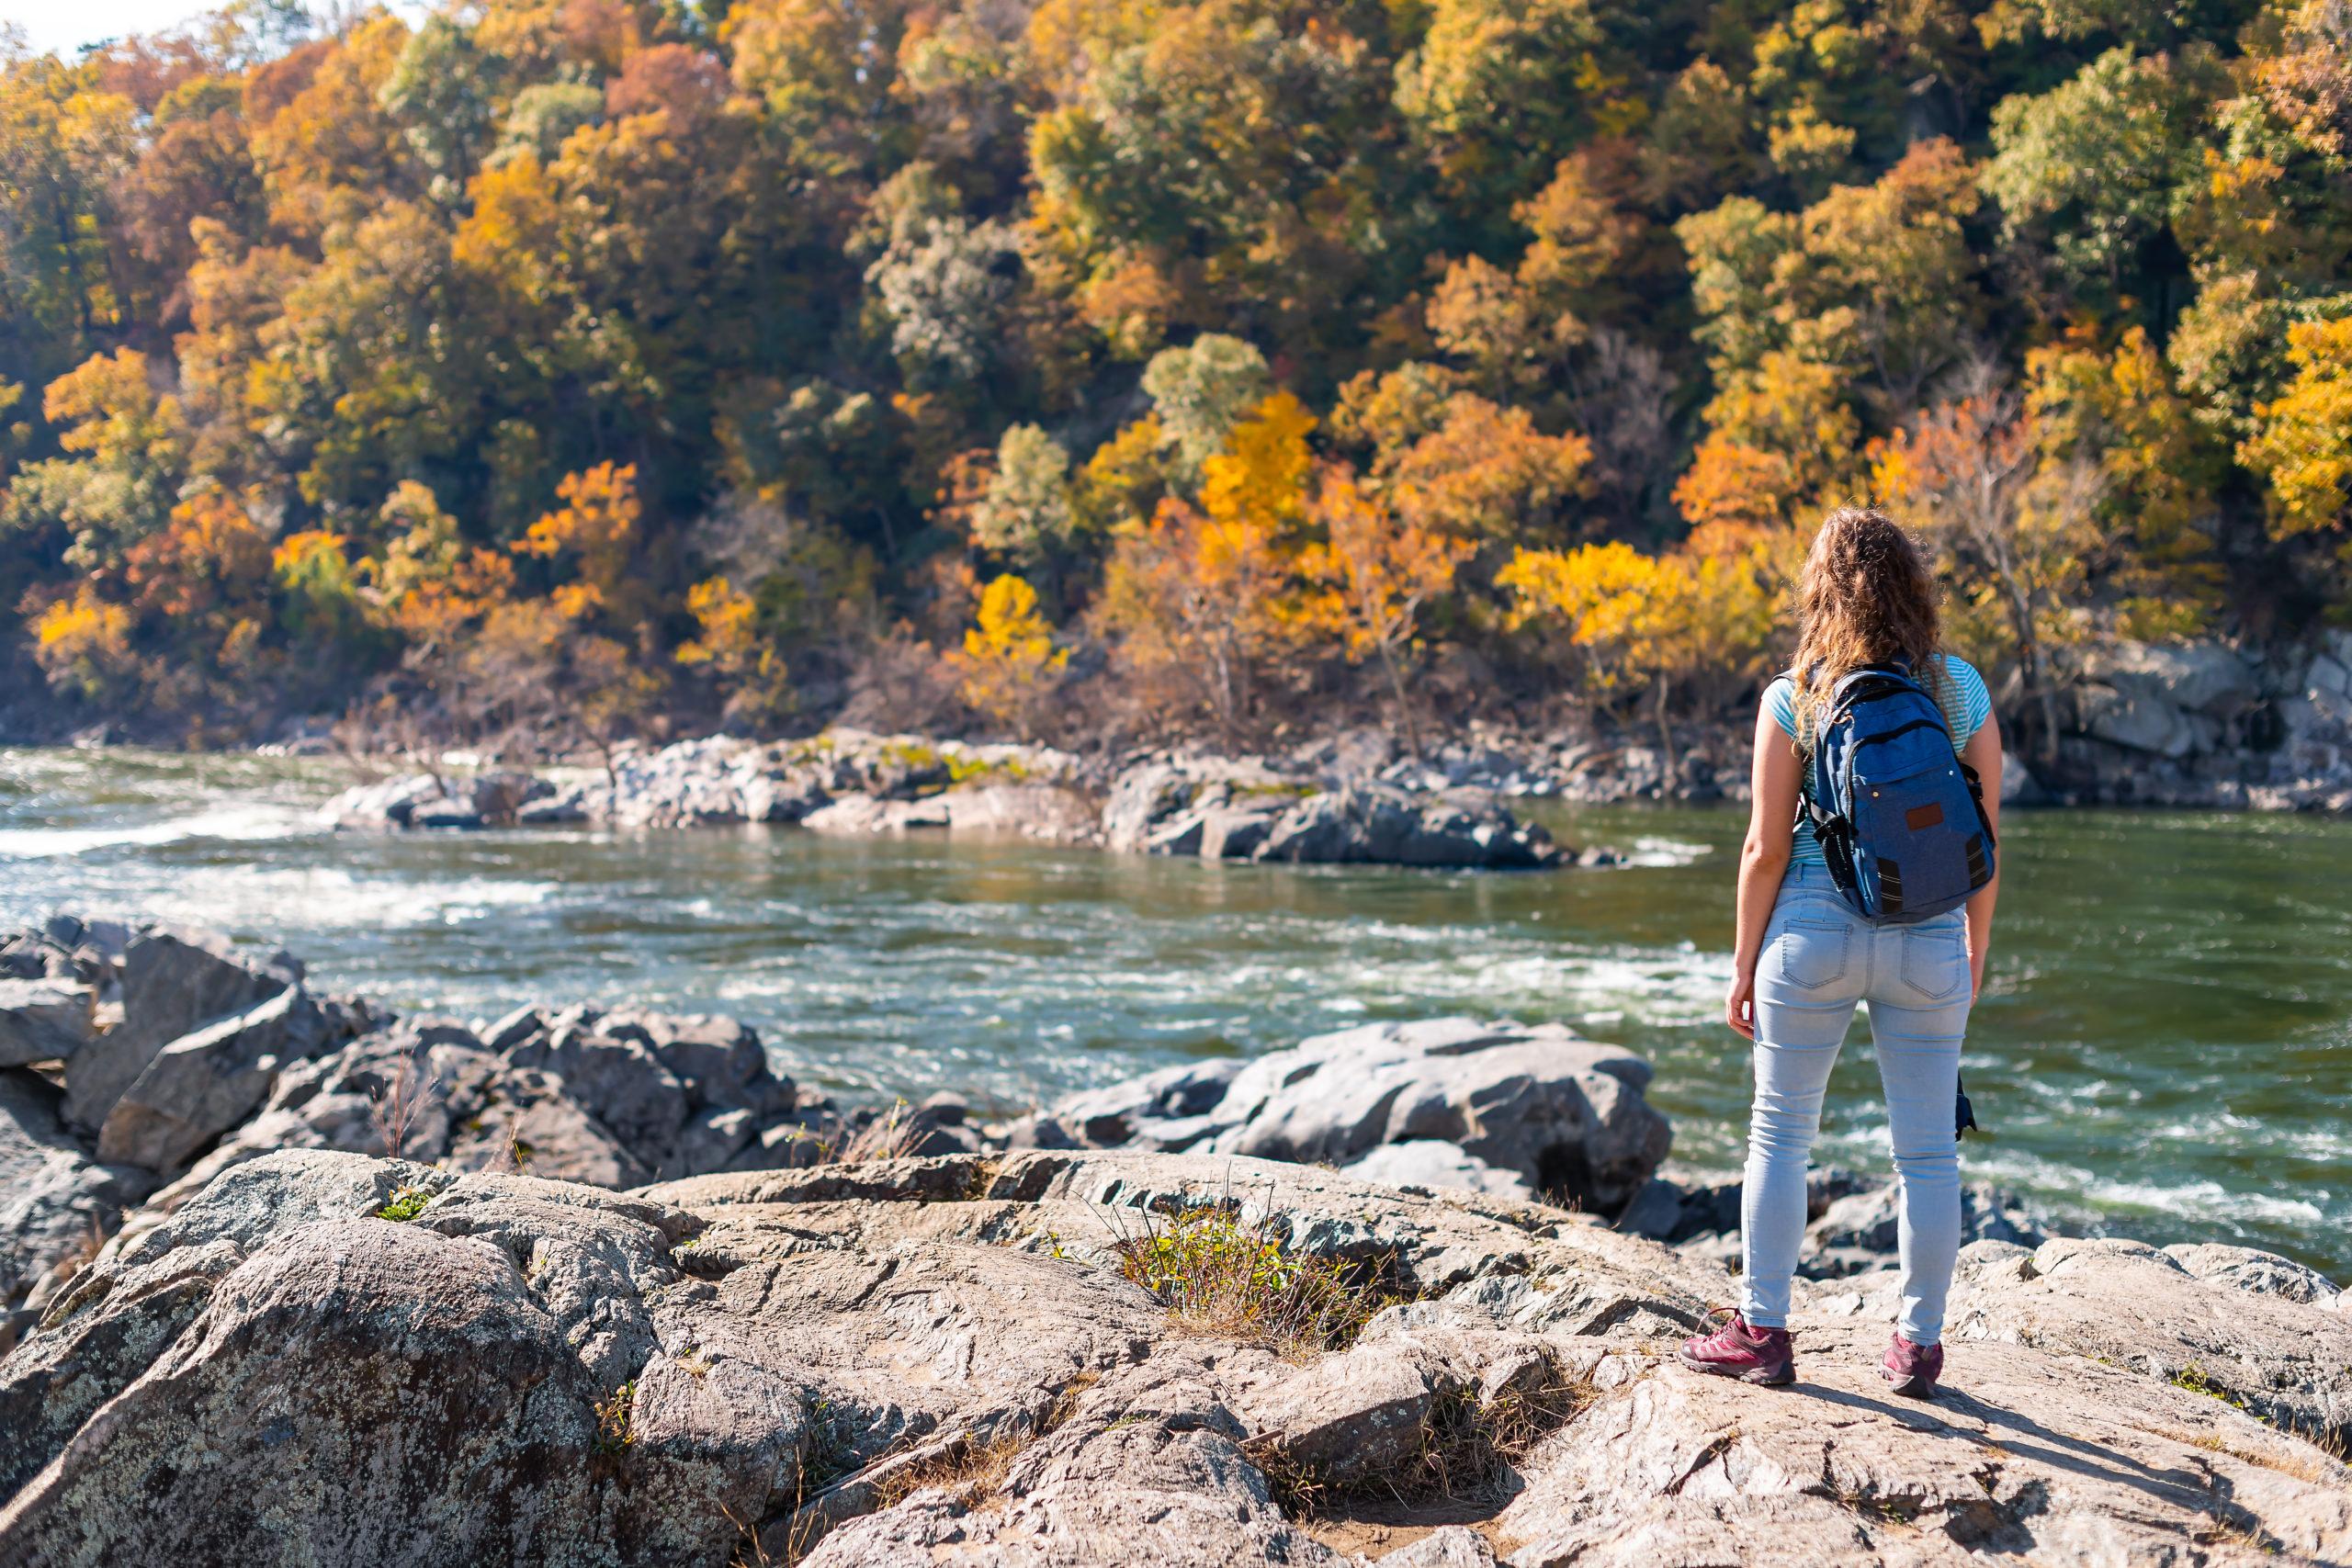 Hiking the Potomac | hiking trails in Arlington, VA